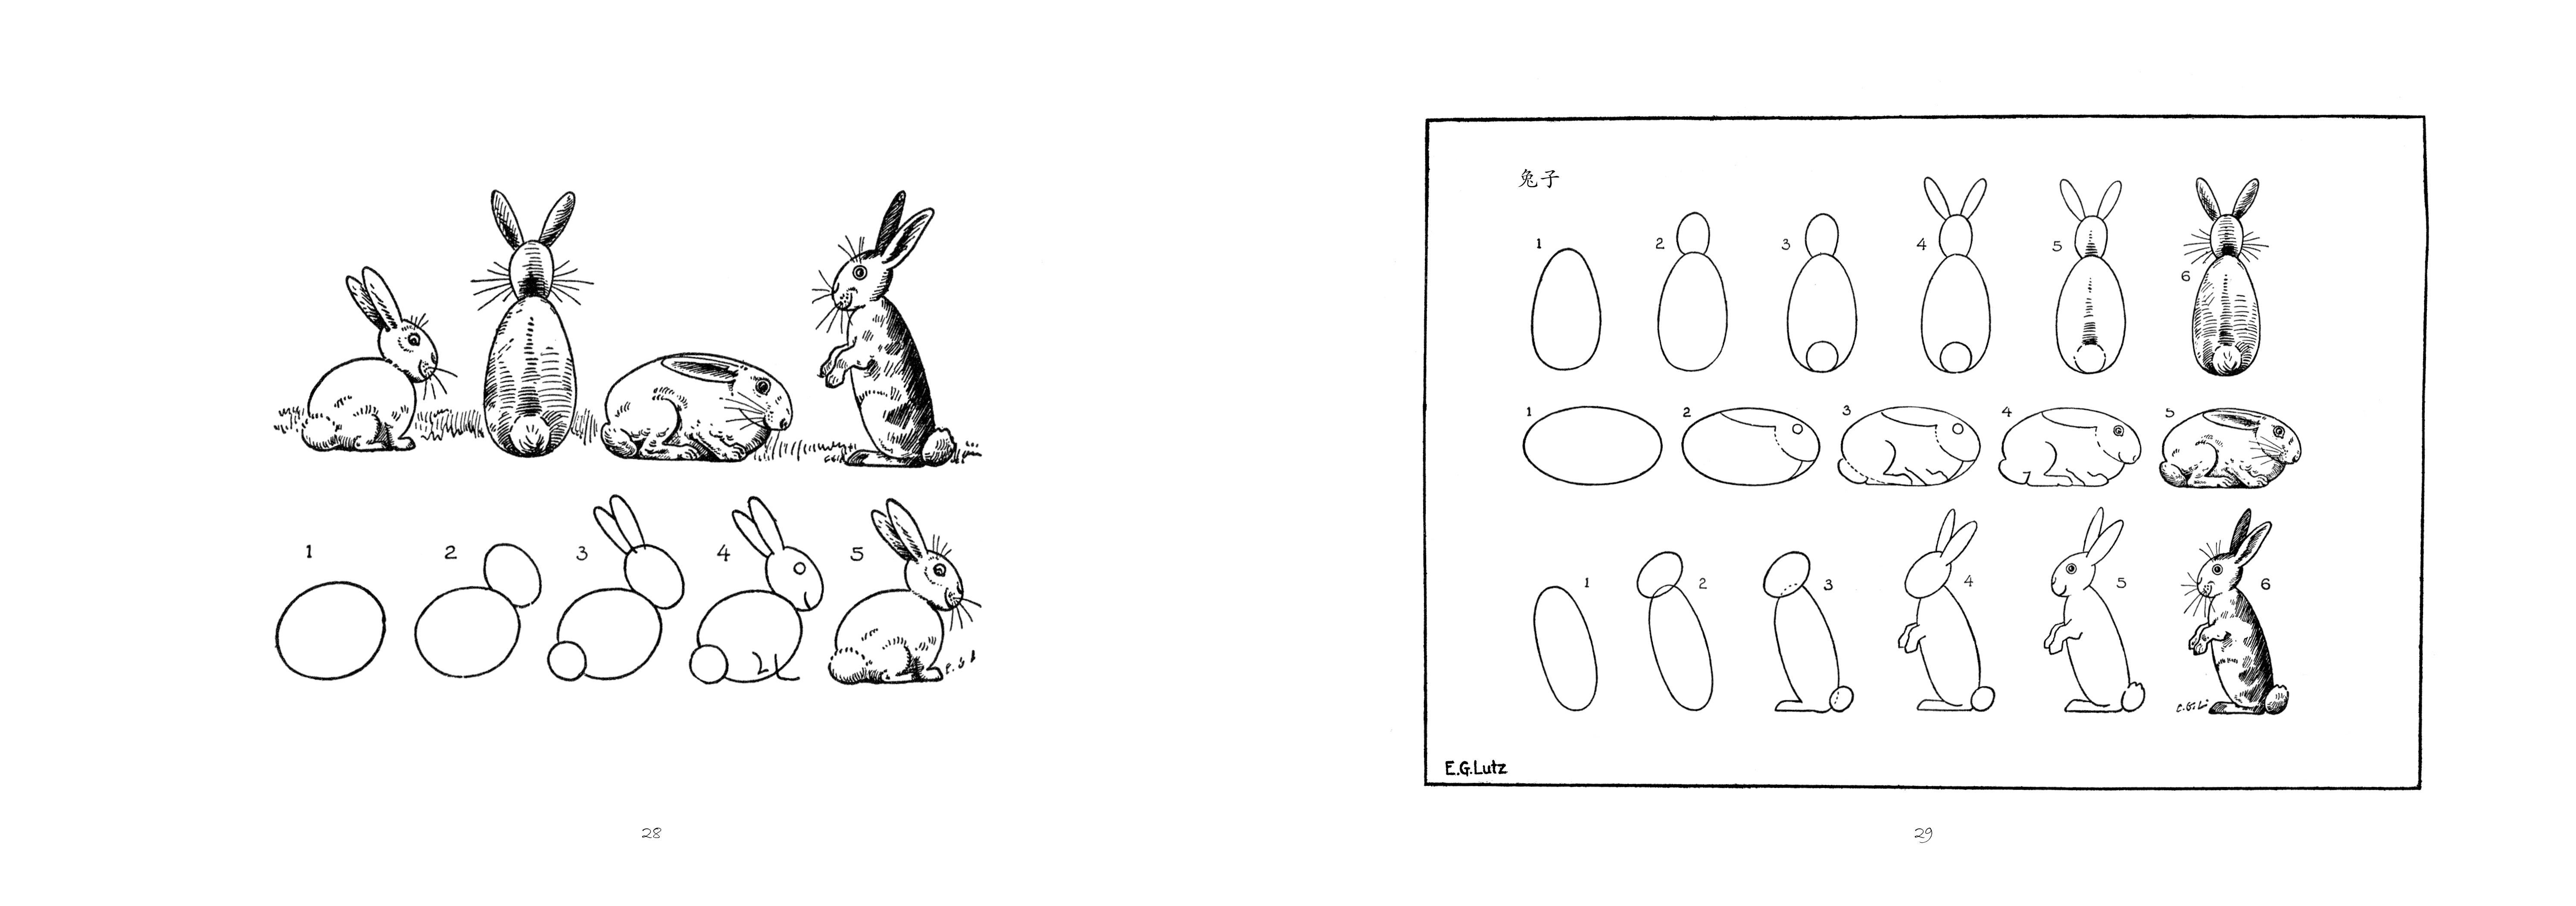 百年经典绘画教程:让画画变得简单